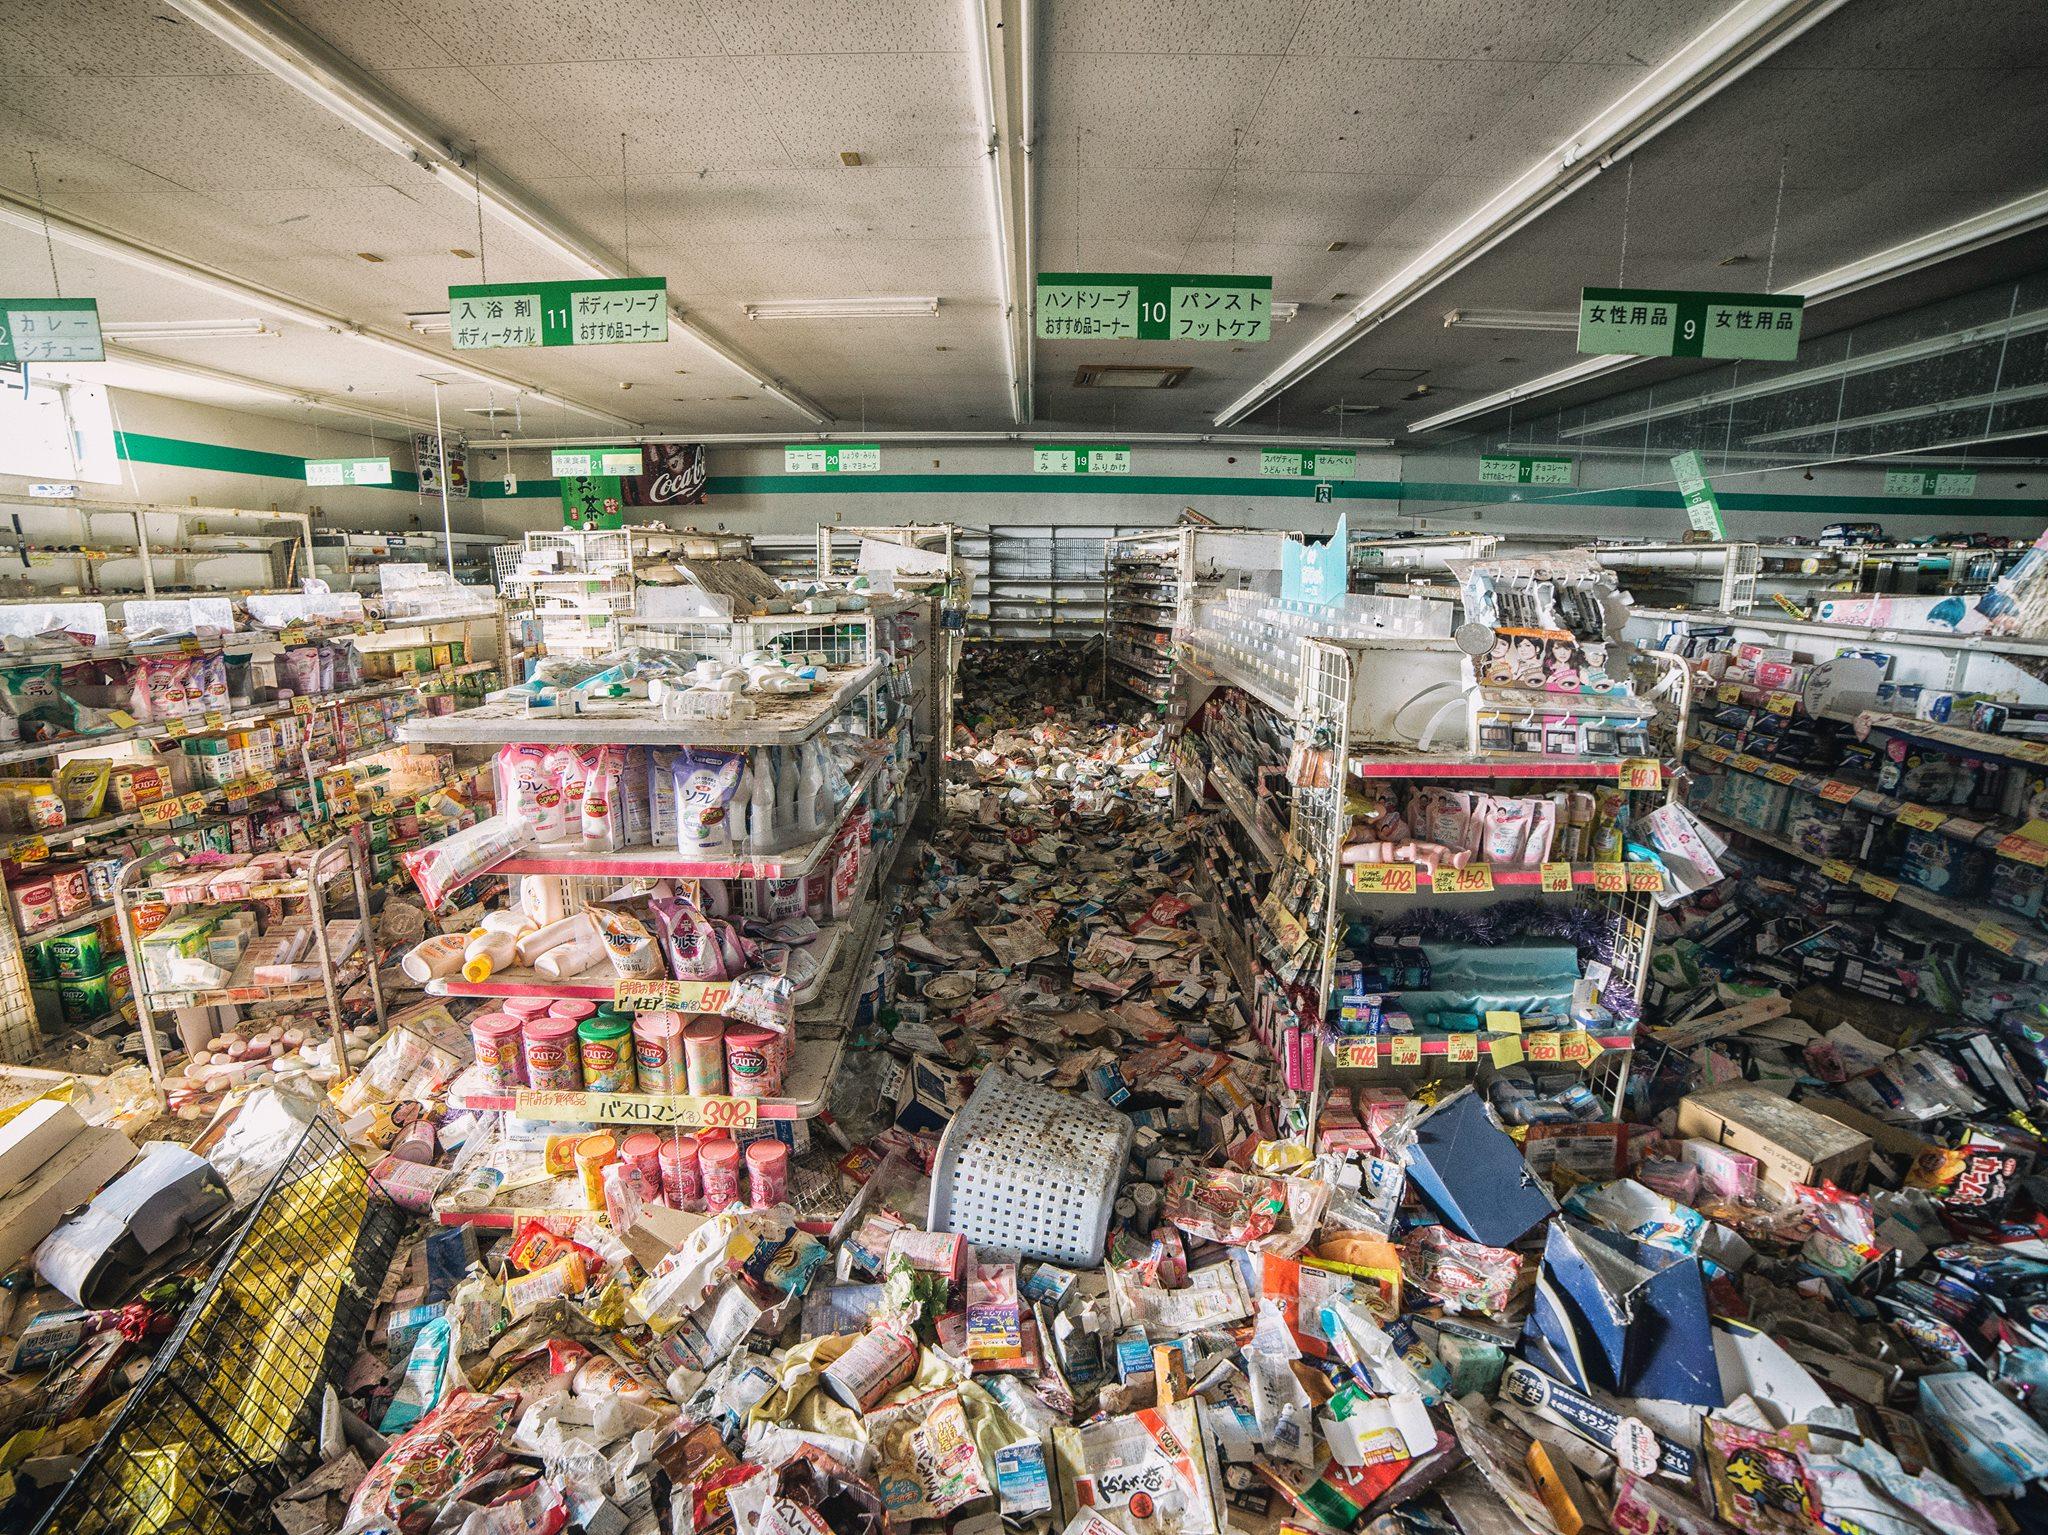 como es fukushima 5 años después del desastre 2